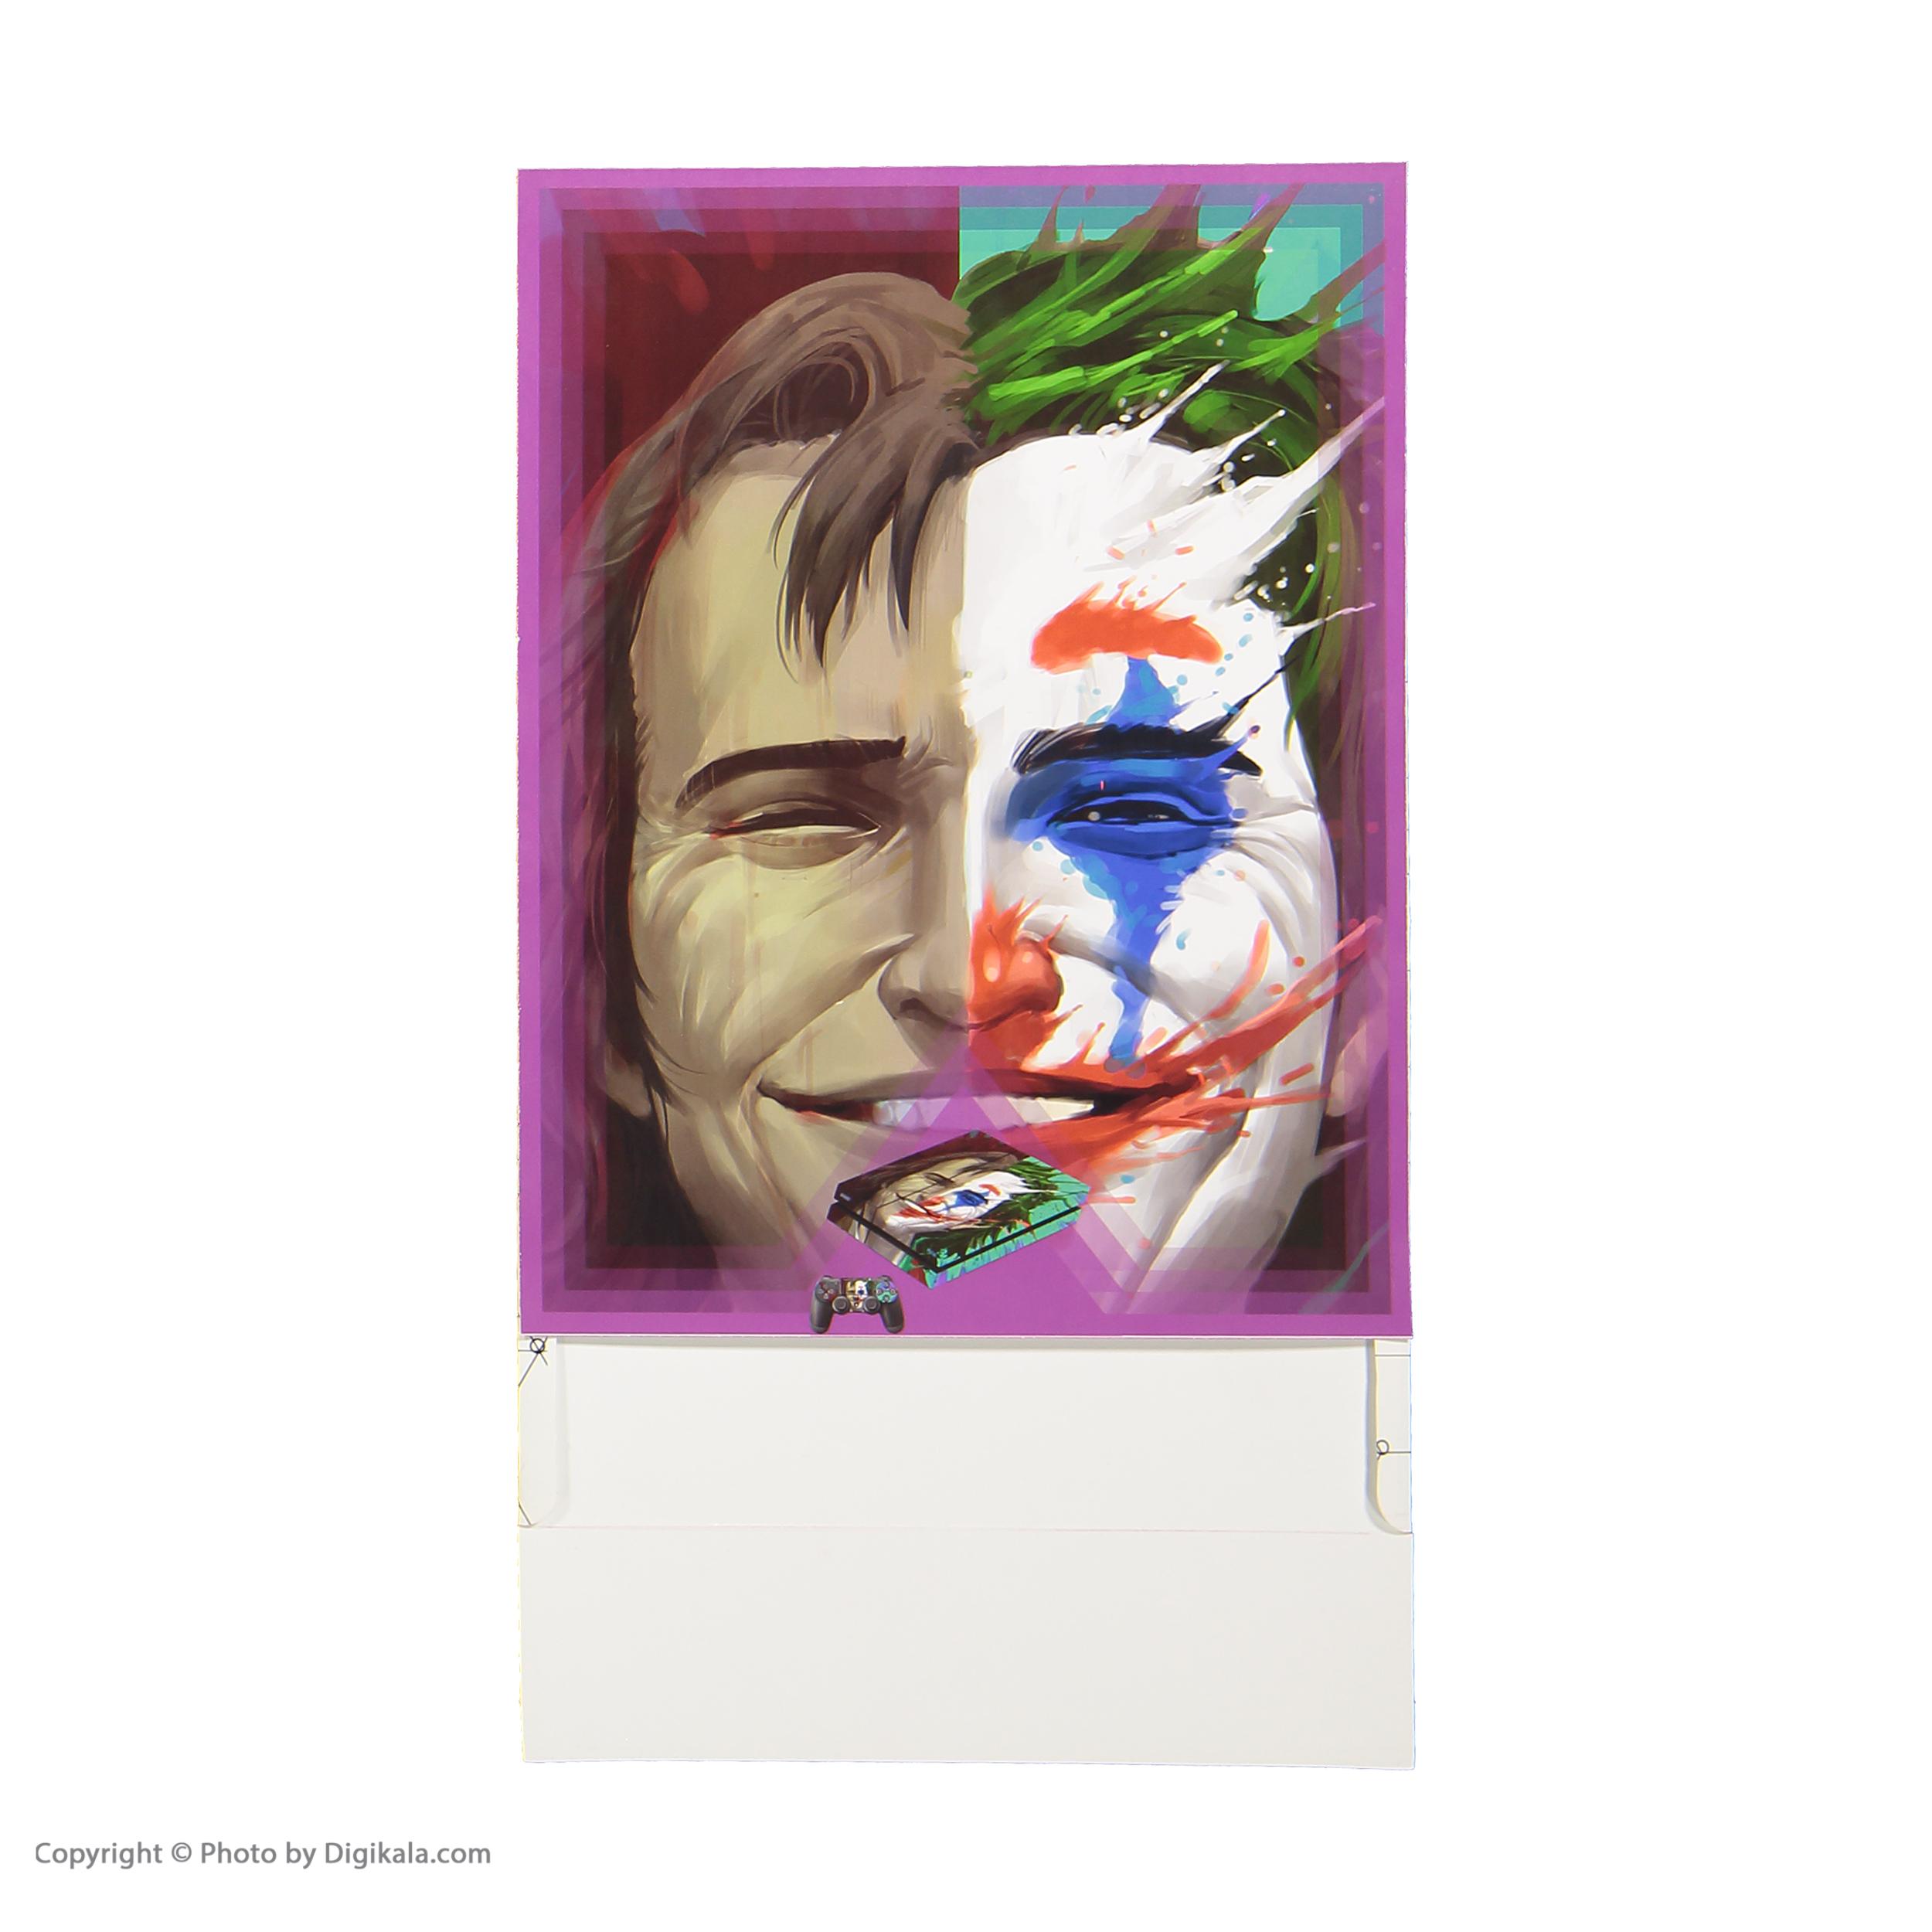 خرید اینترنتی برچسب پلی استیشن 4 پلی اینفینی مدل Joker 05 اورجینال